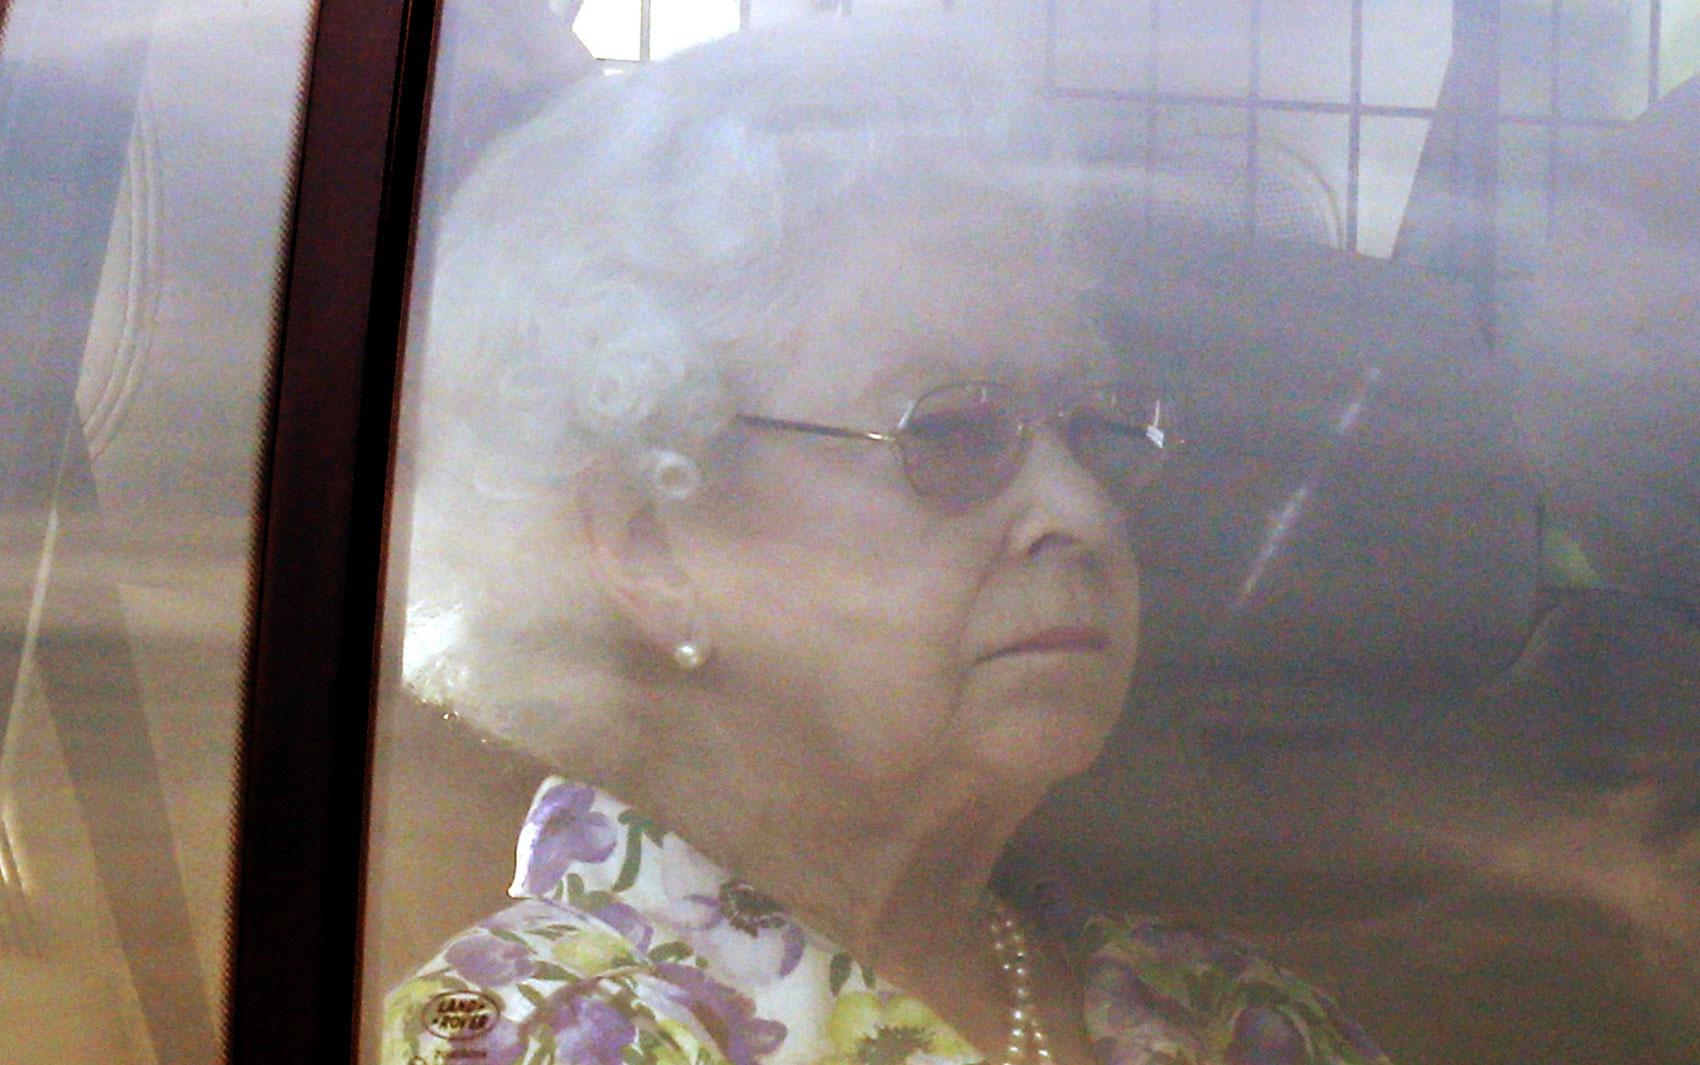 22/7 - A rainha Elizabeth II é vista retornando ao Palácio de Buckingham, em Londres. O palácio fica próximo ao Hospital St. Mary's, aonde Kate foi levada para dar à luz